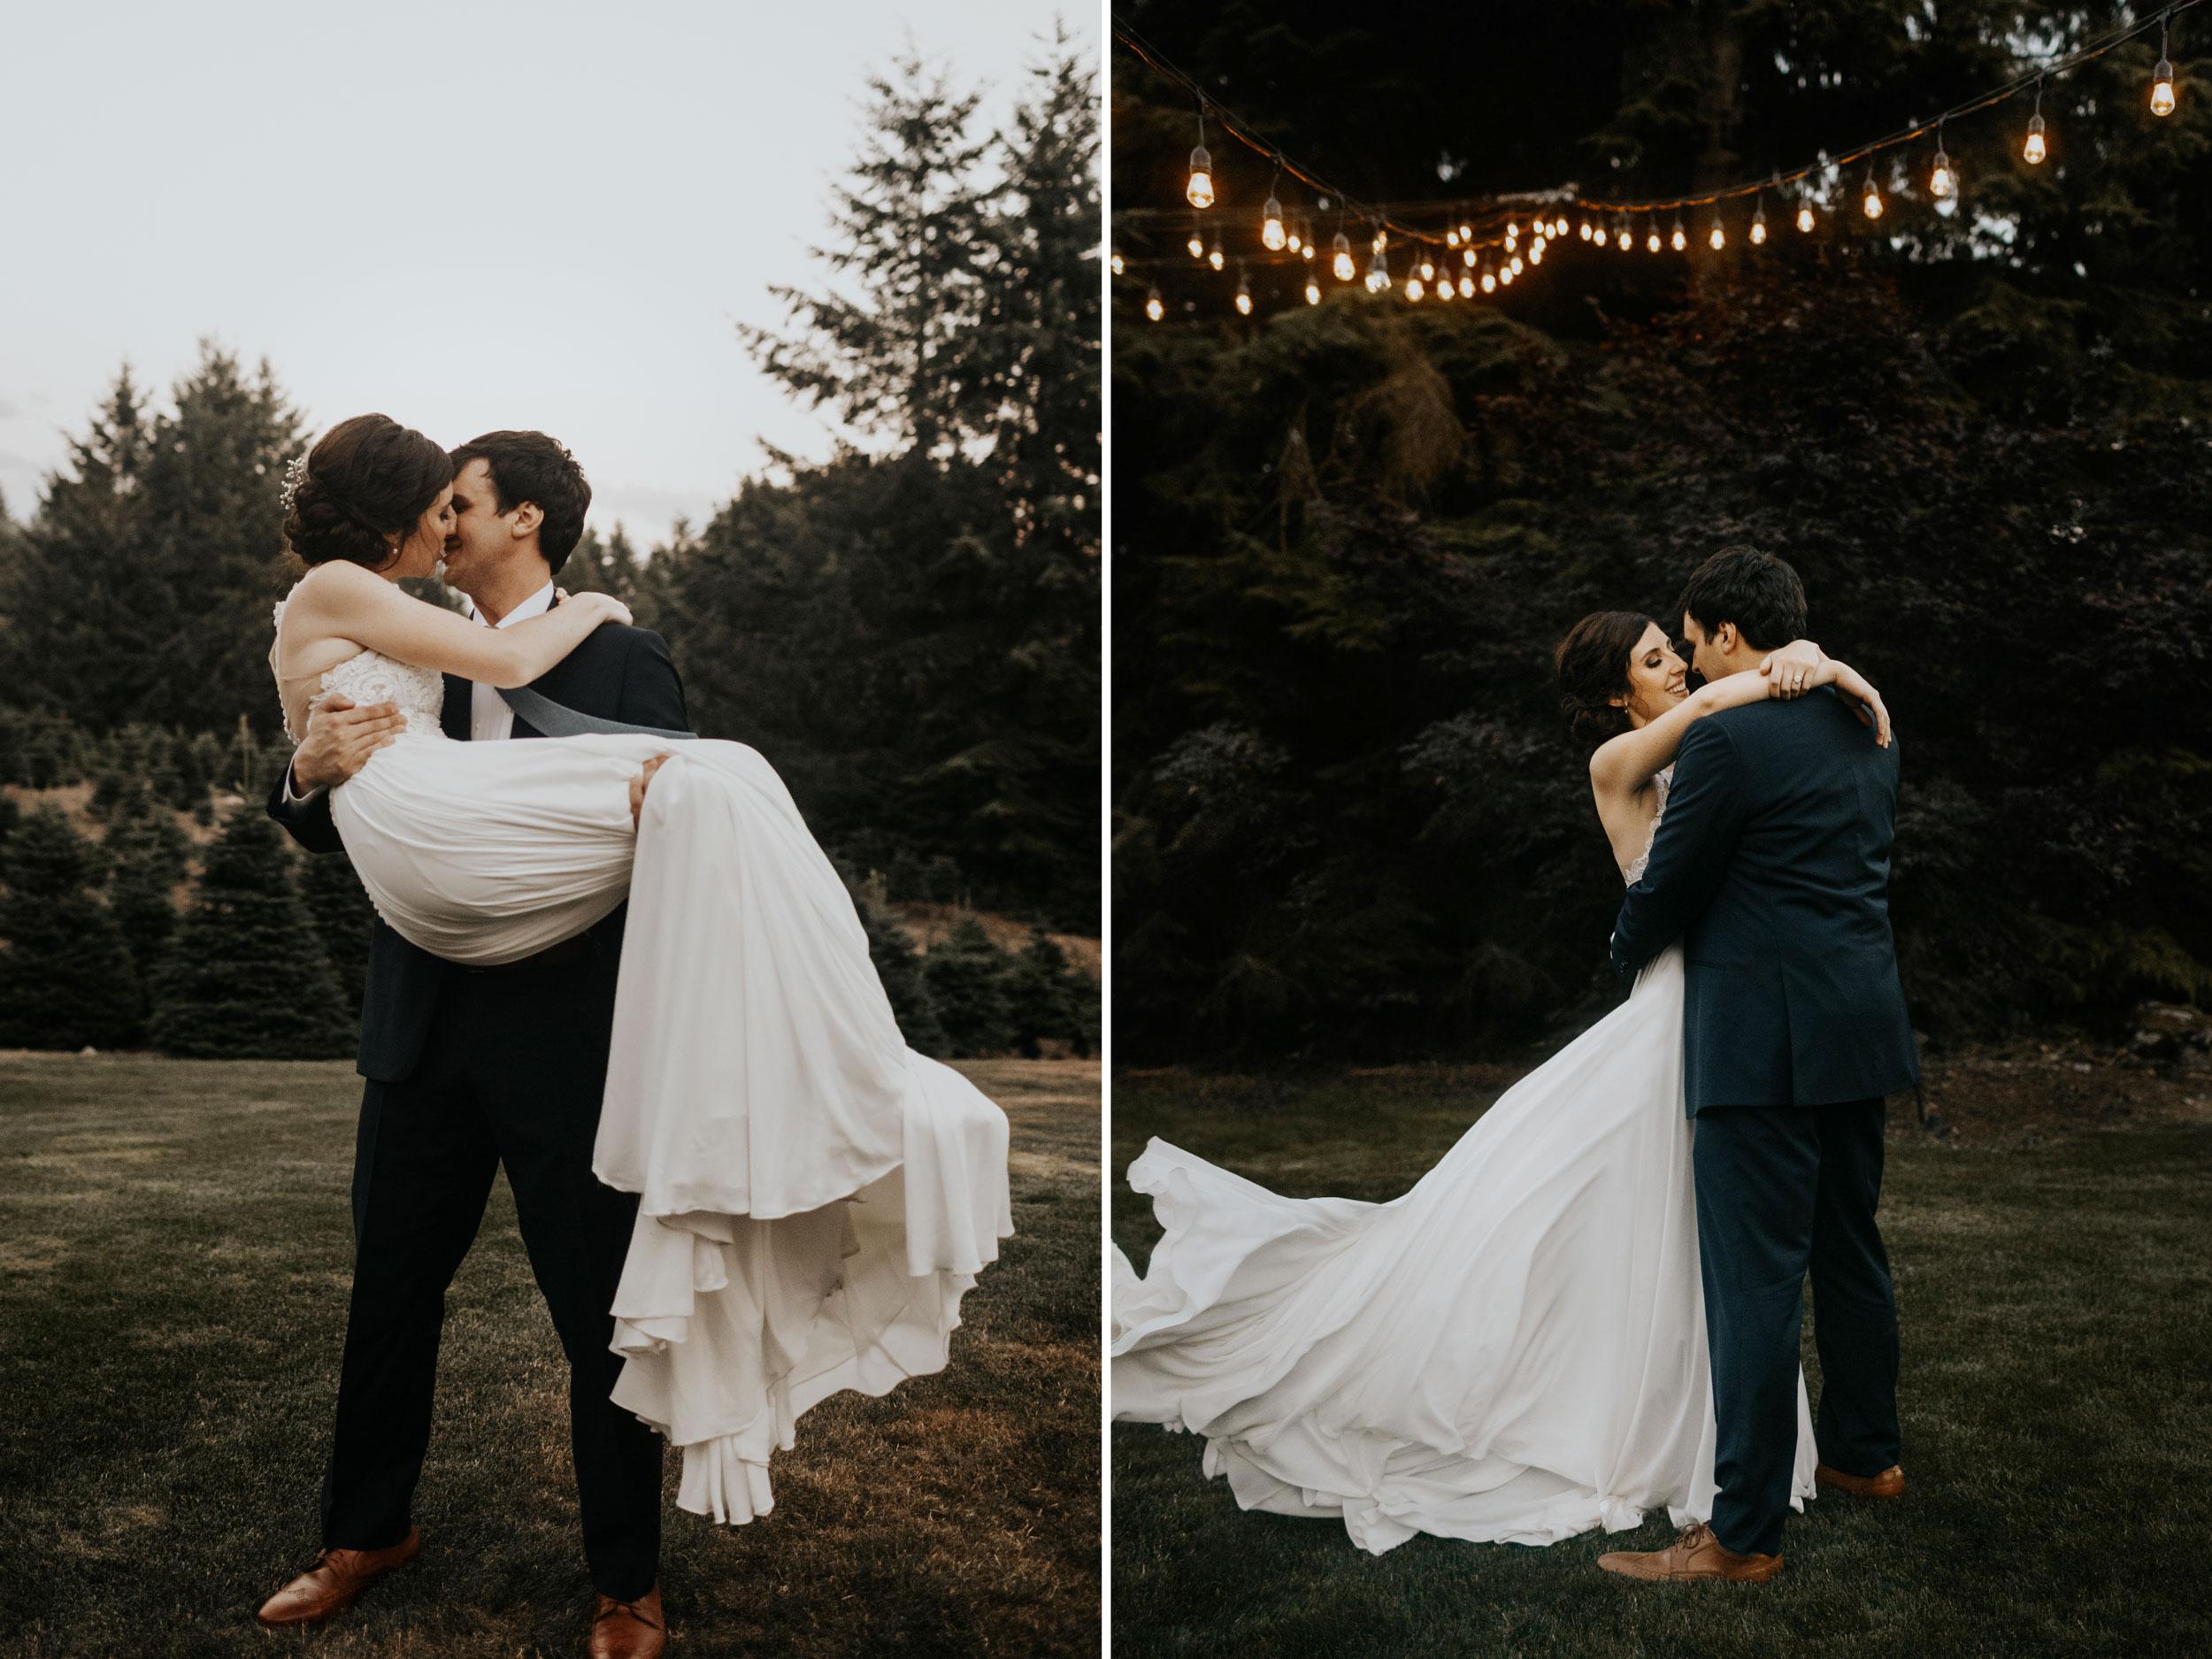 ginapaulson_katymatt_wedding-31.jpg